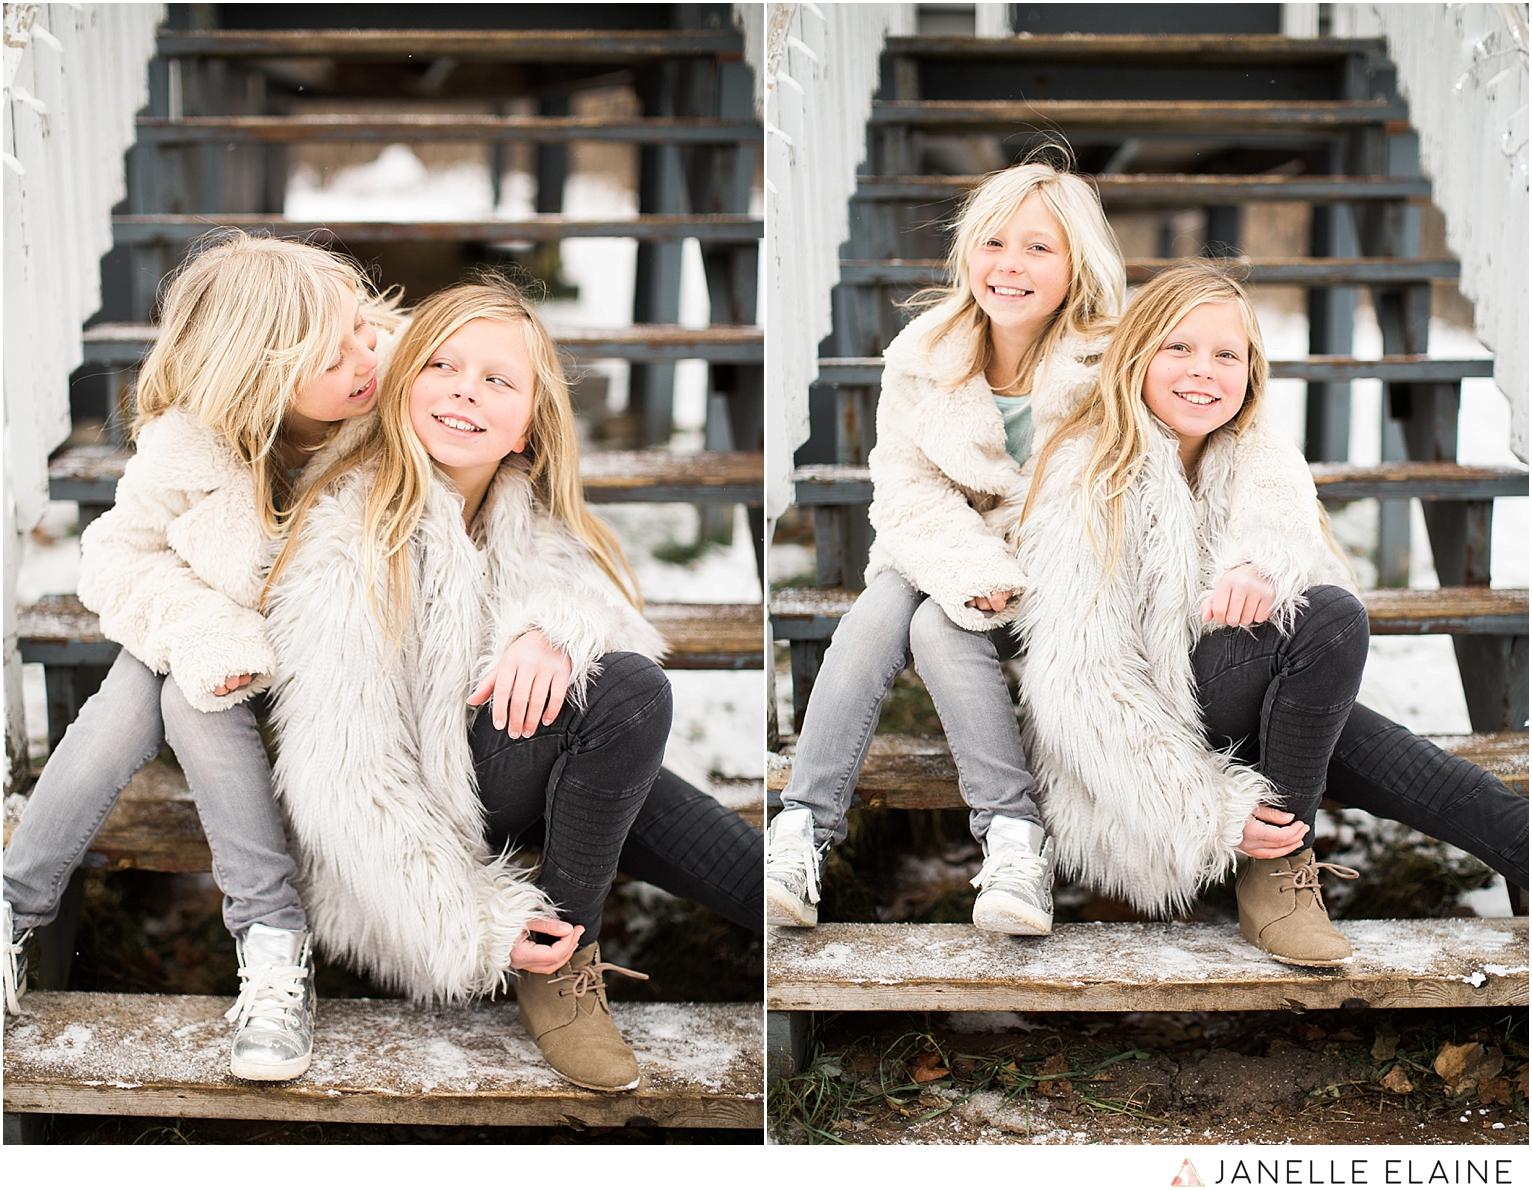 seattle-washington lifestyle photographer-janelle elaine-callie and char-53.jpg